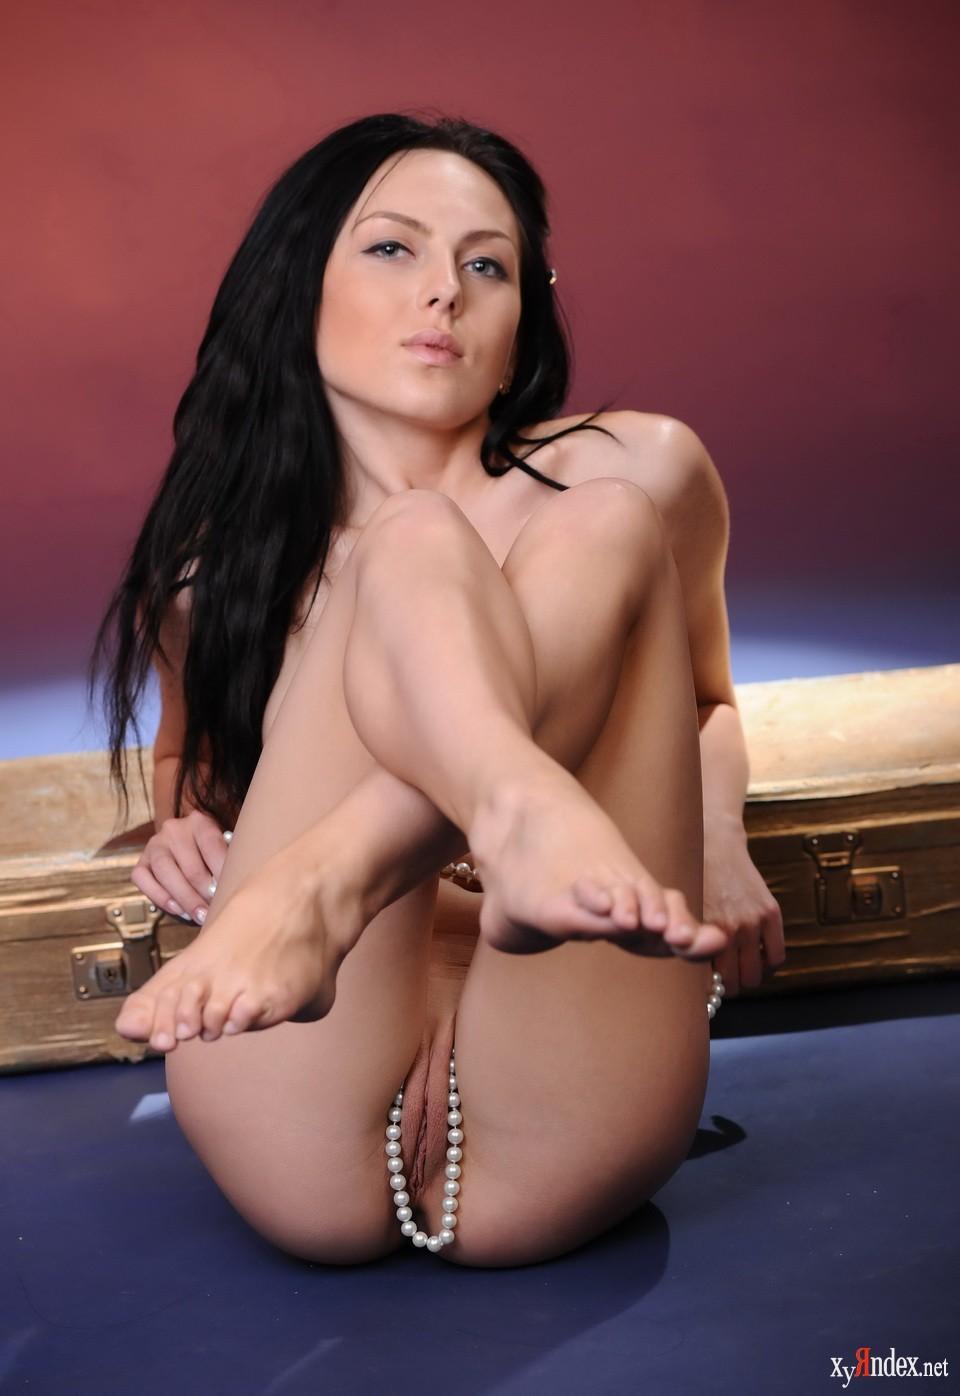 Длинноногие красотки голые видео пизды, две брюнетки с большими сиськами